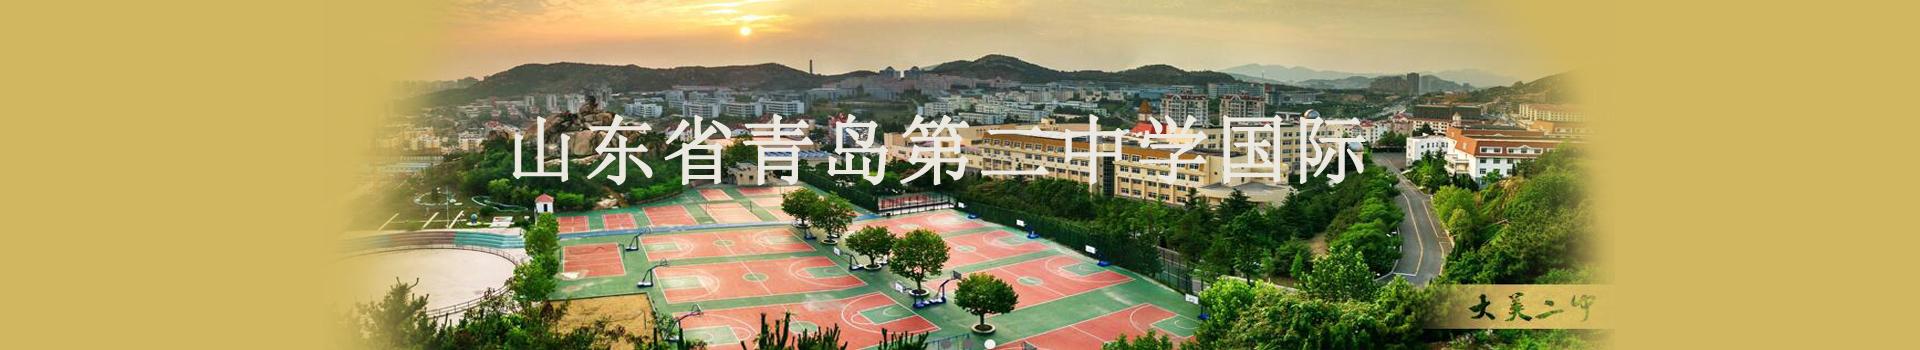 山东省青岛第二中学国际部